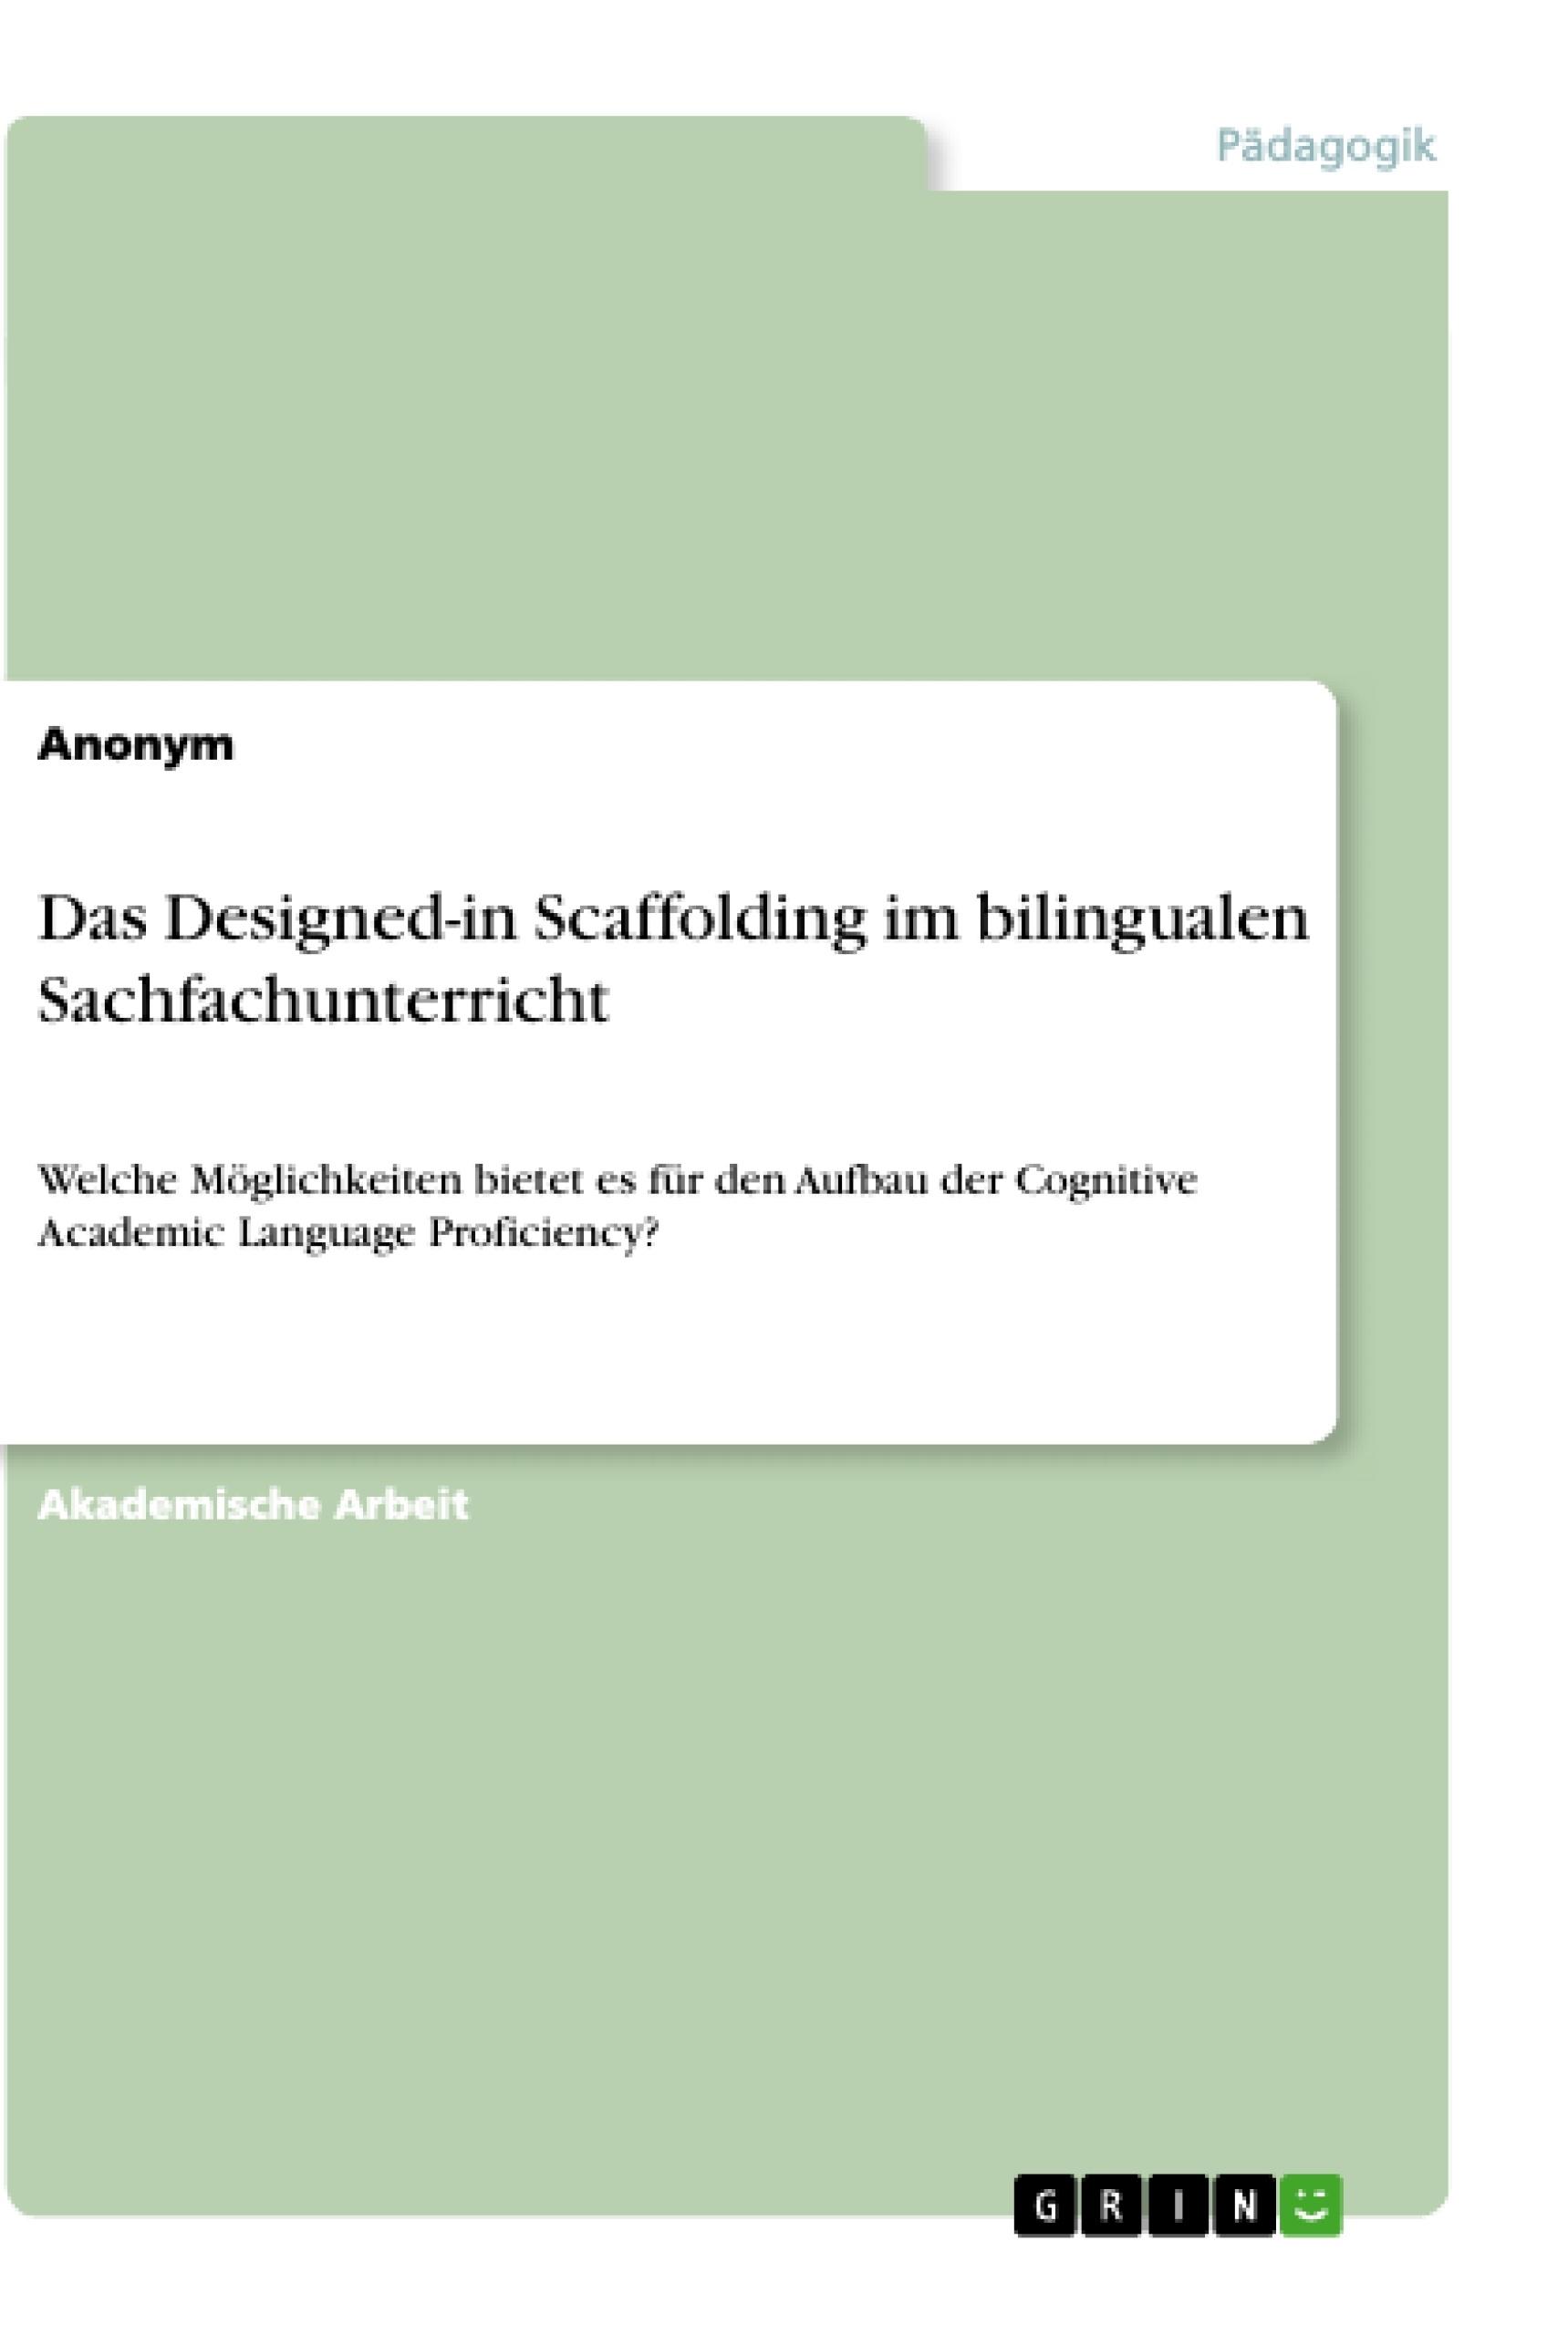 Titel: Das Designed-in Scaffolding im bilingualen Sachfachunterricht